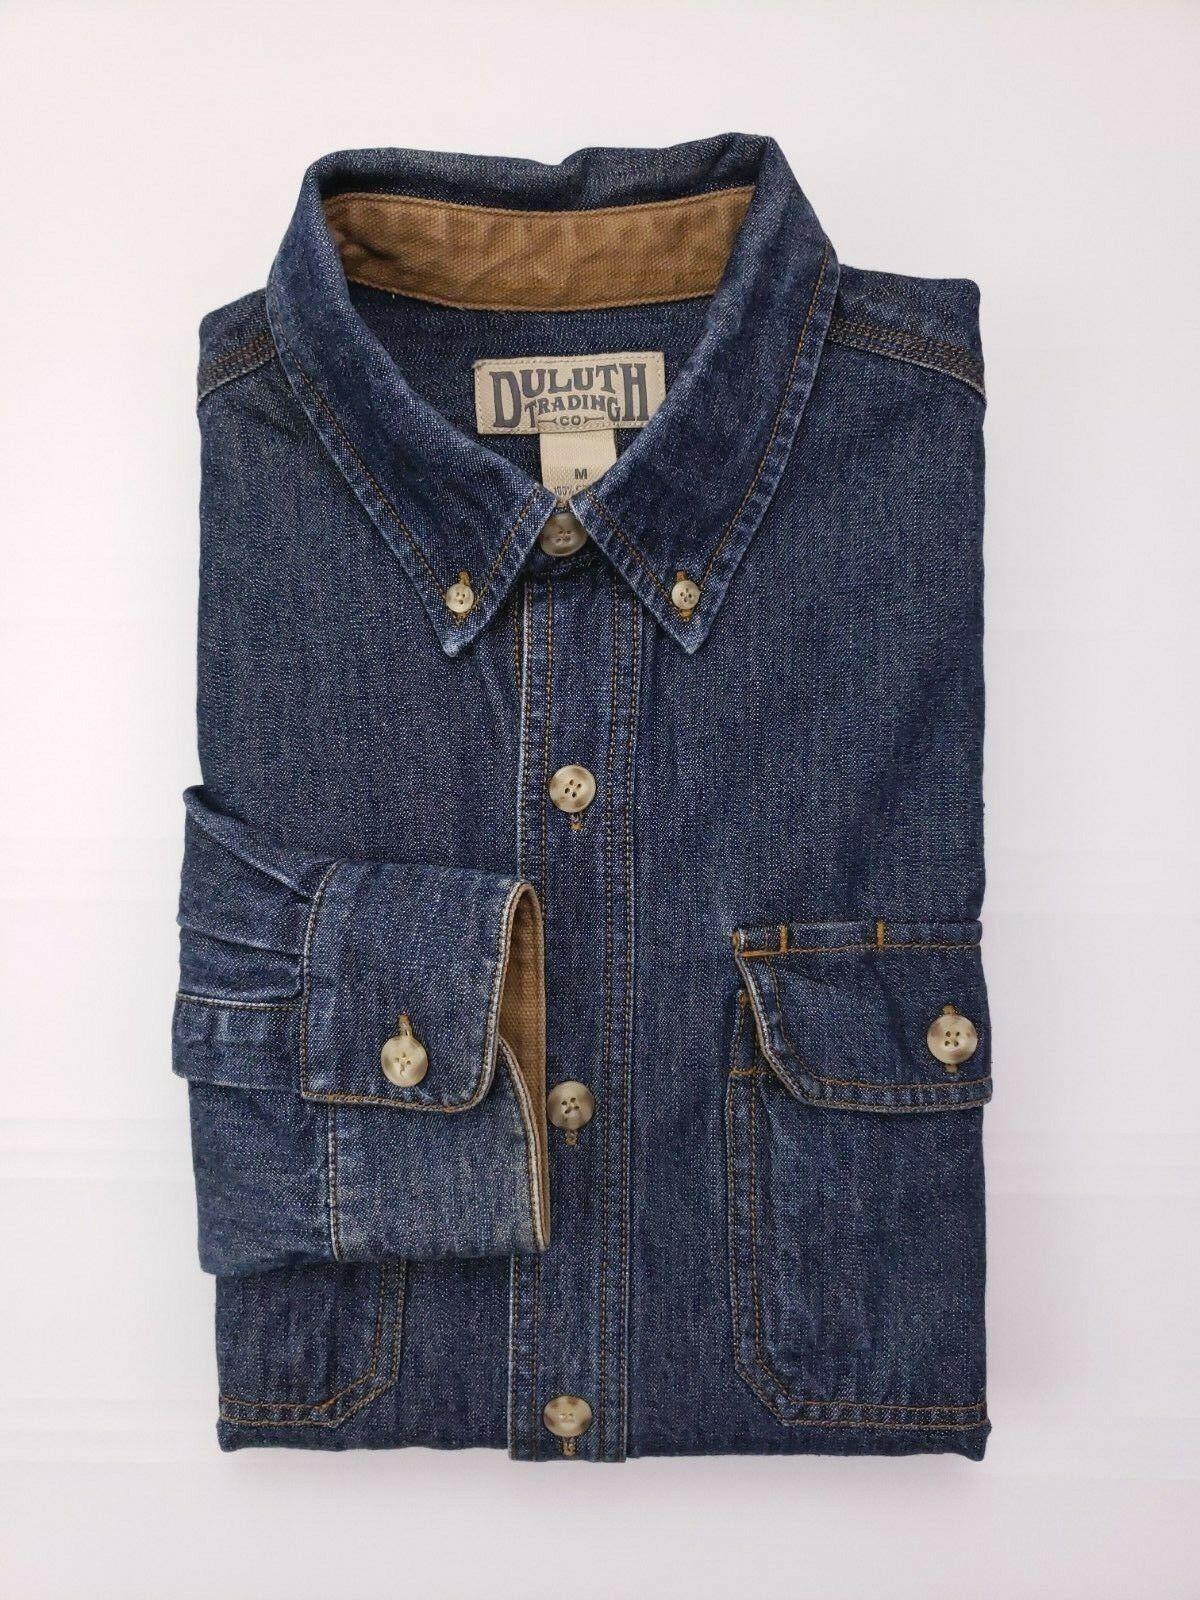 Duluth Trading Company Blu Camicia di Jeans Media Uomo TAGLIA M Cotone